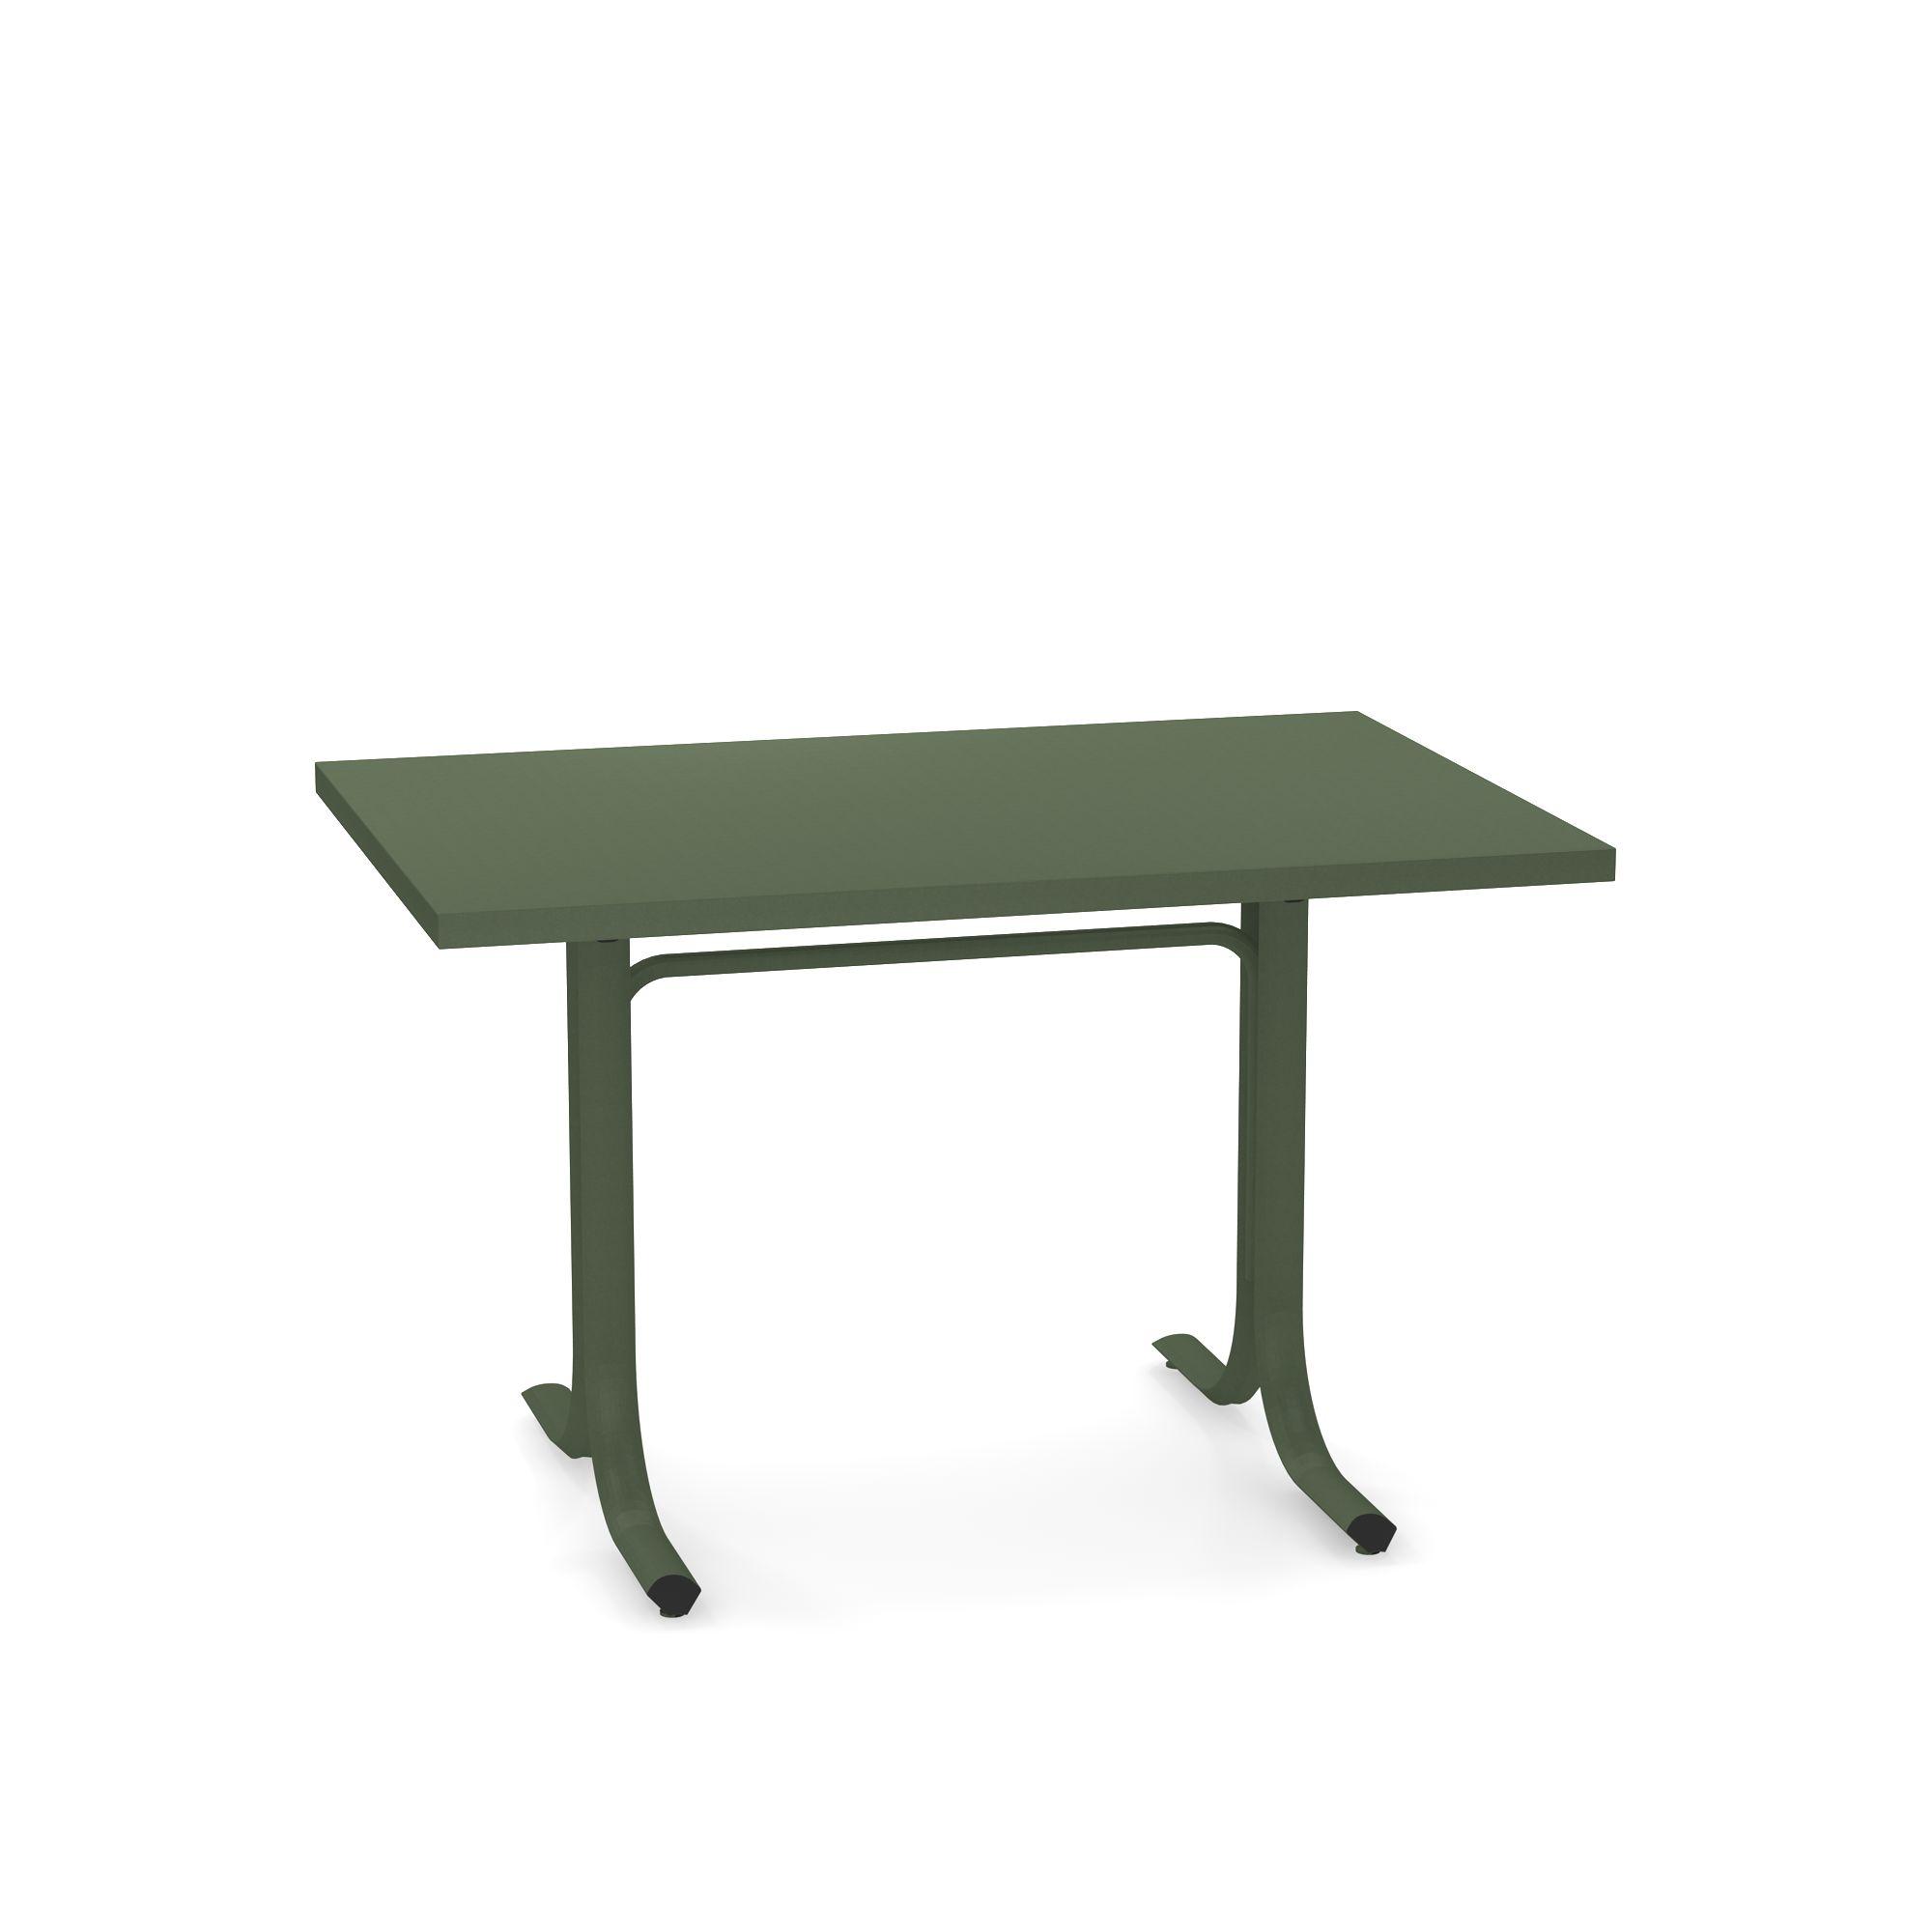 Tavolo abbattibile bordo squadrato 80x120 da giardino for Cuscini 80x120